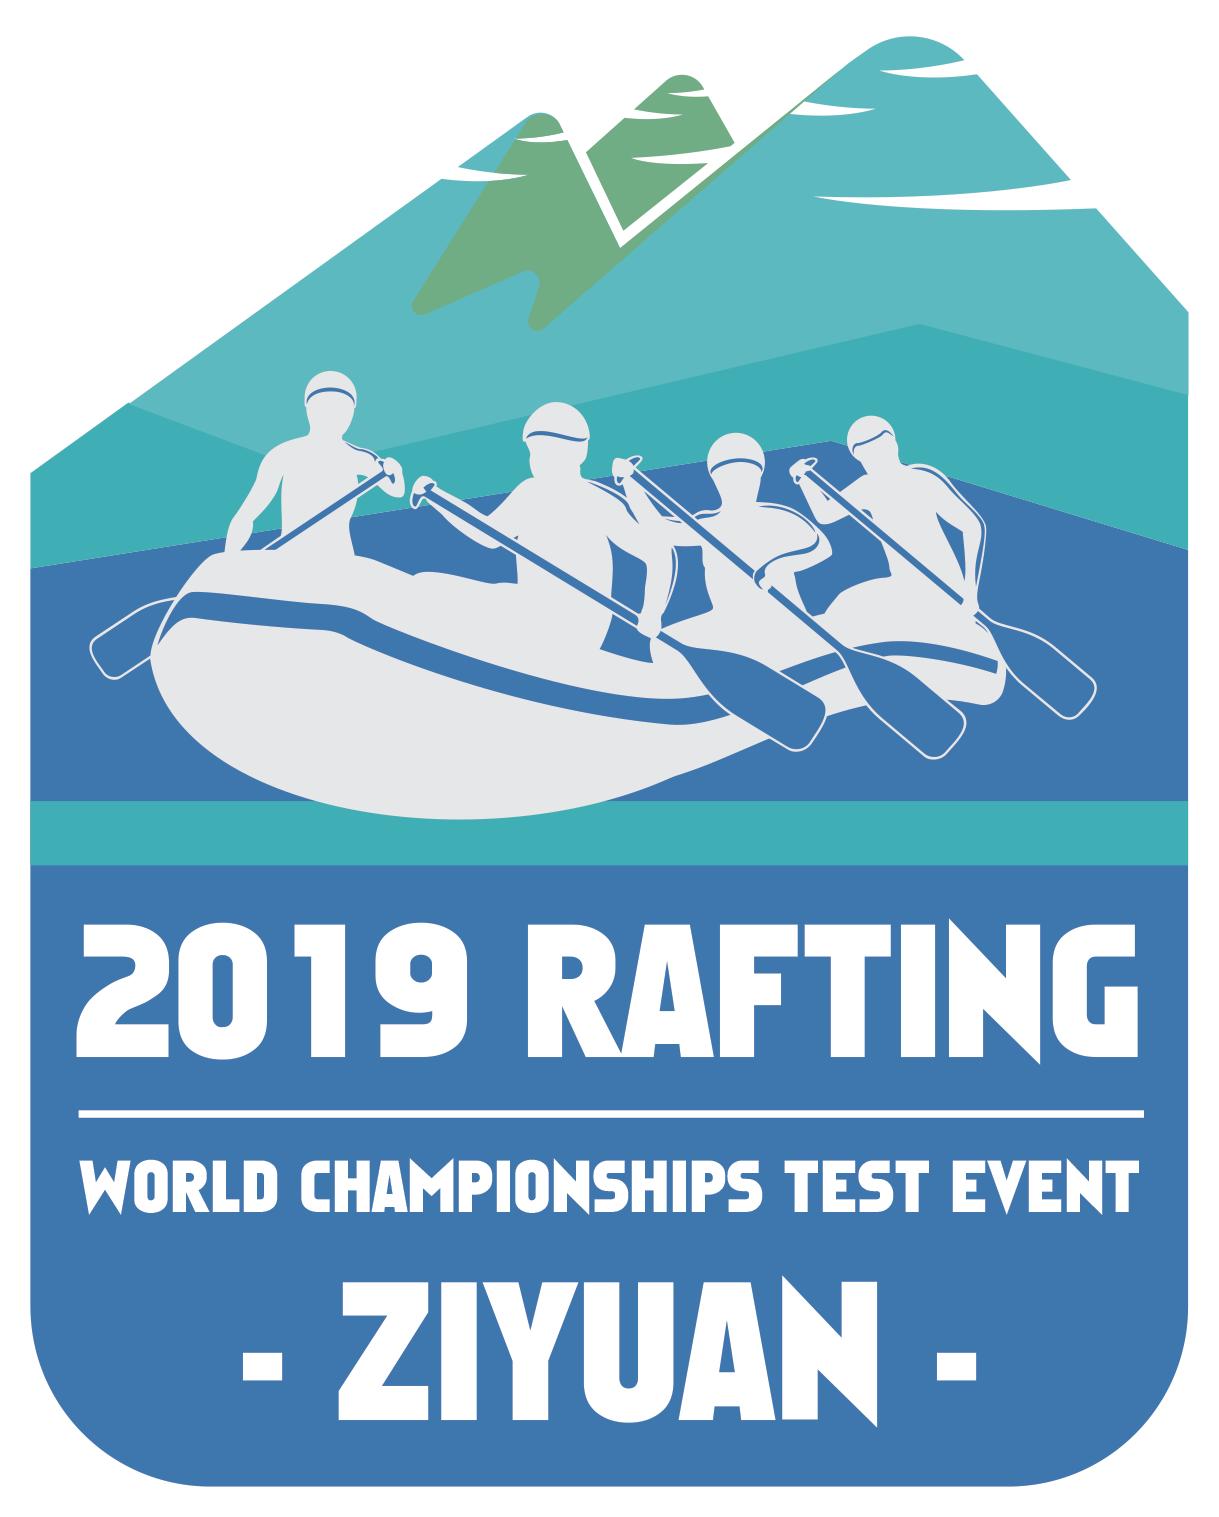 WC Ziyuan 2019